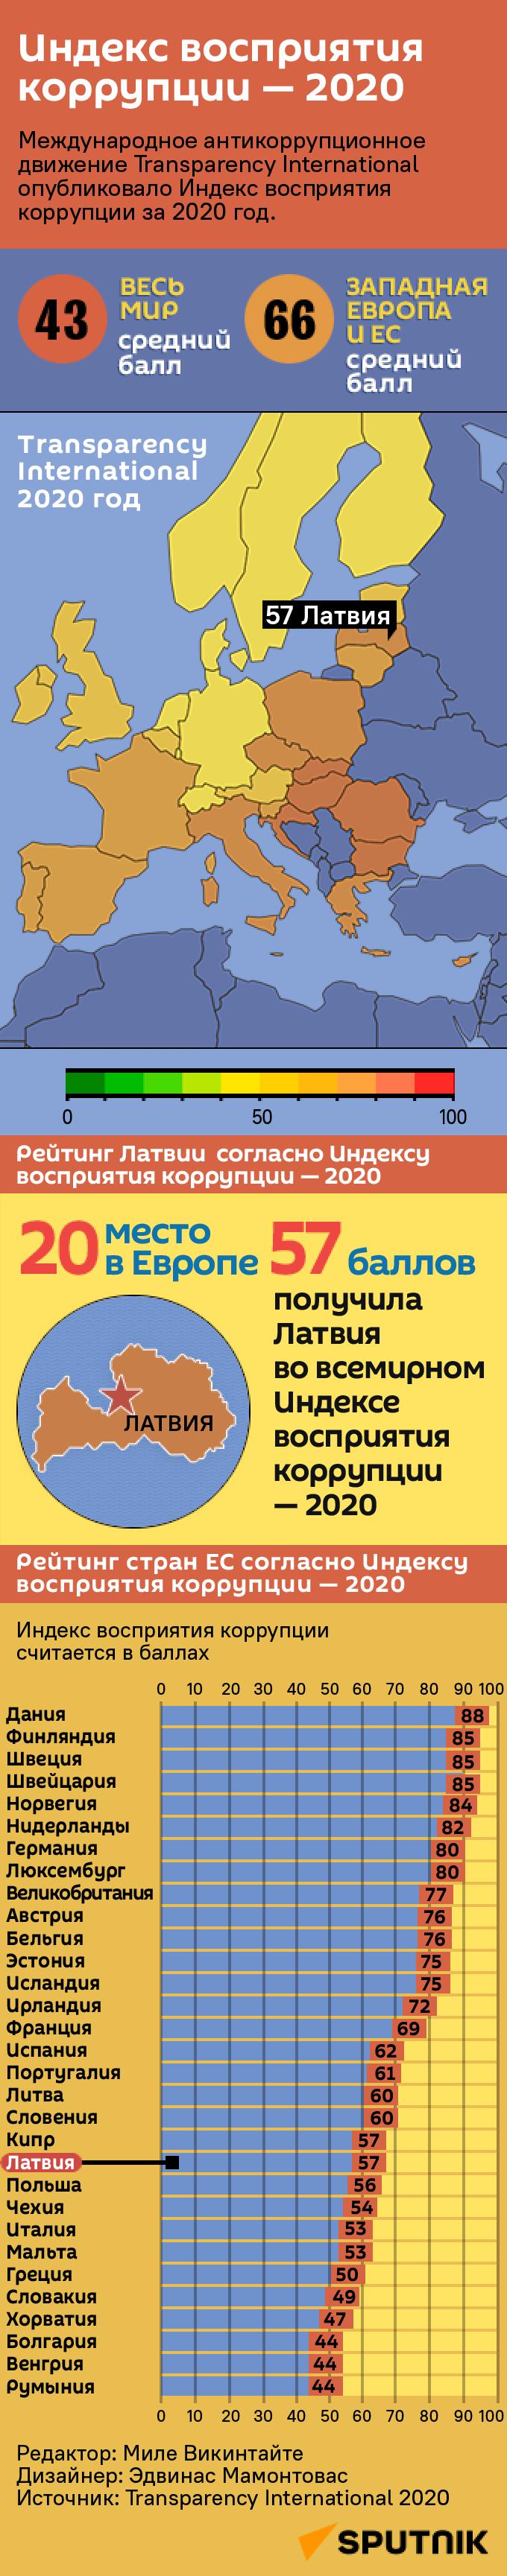 Индекс восприятия коррупции — 2020 - Sputnik Латвия